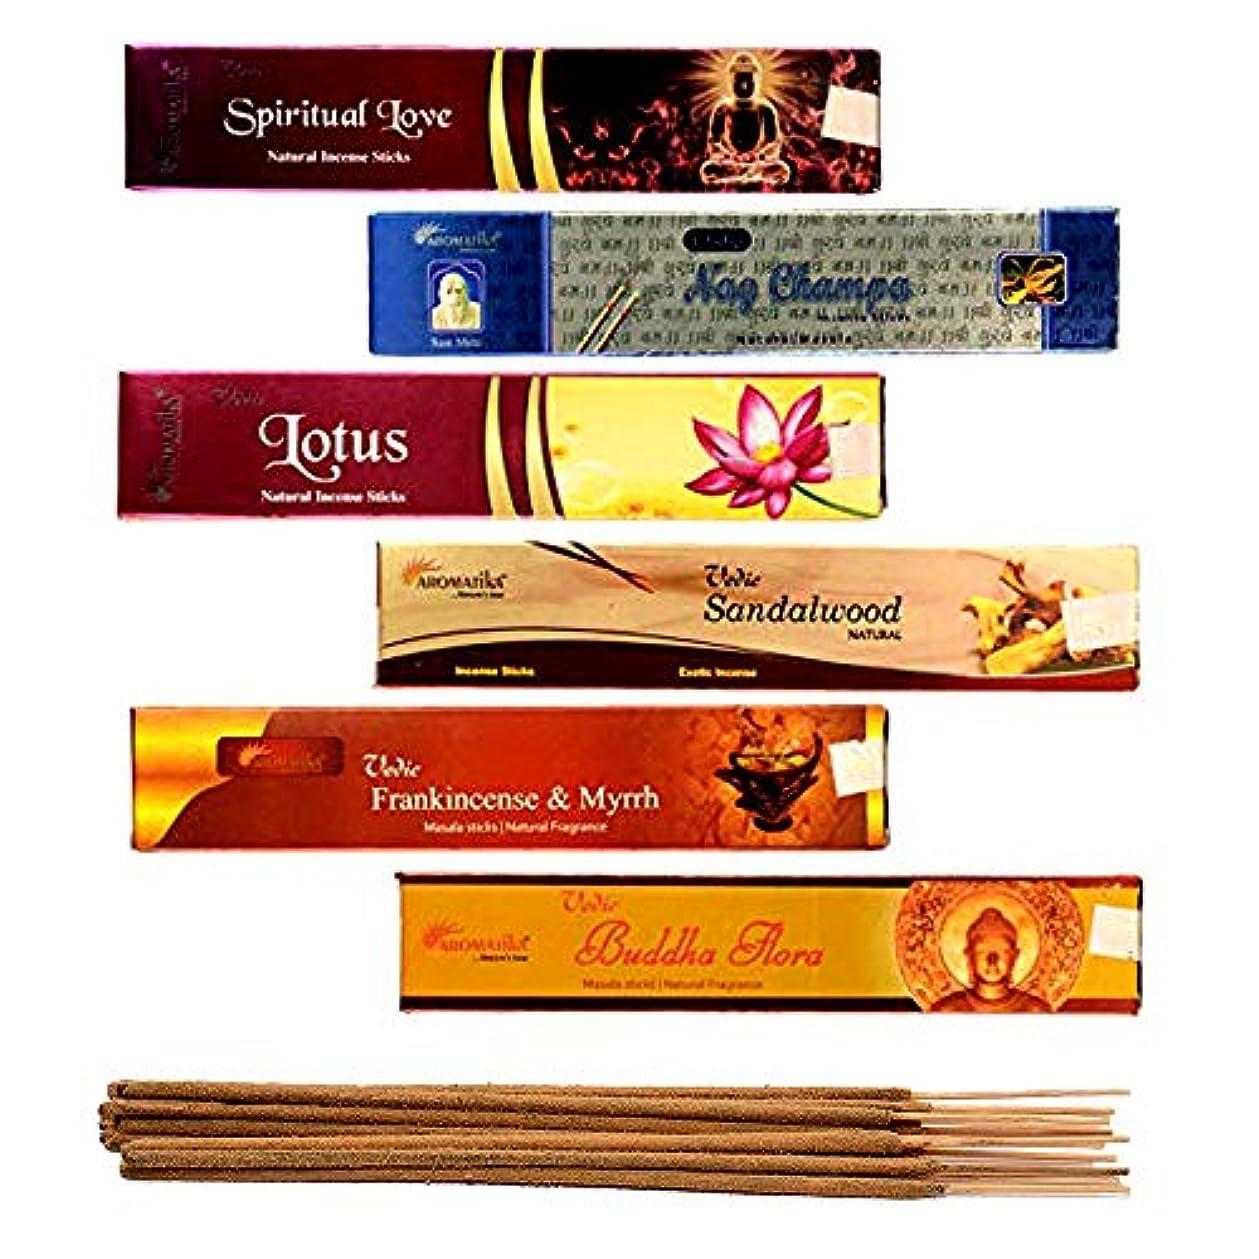 発見余剰ハーネスaromatika 6 Assorted Masala Incense Sticks Vedic Nag Champa、サンダルウッド、ブッダFlora、ロータス、Frankincense & Myrrh、Spiritual...